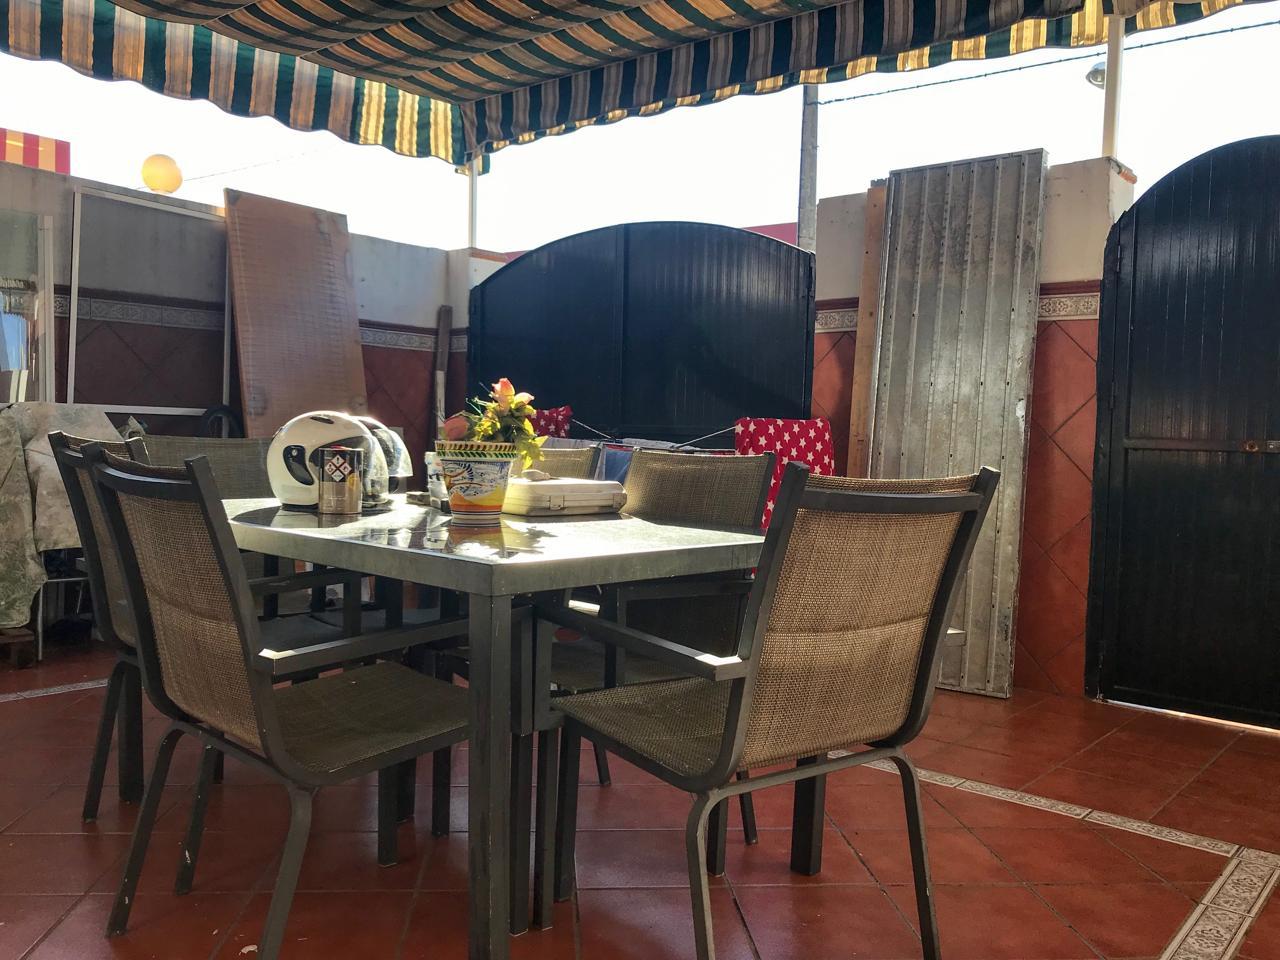 Casa / Chalet en venta en Mairena del Aljarafe de 143 m2